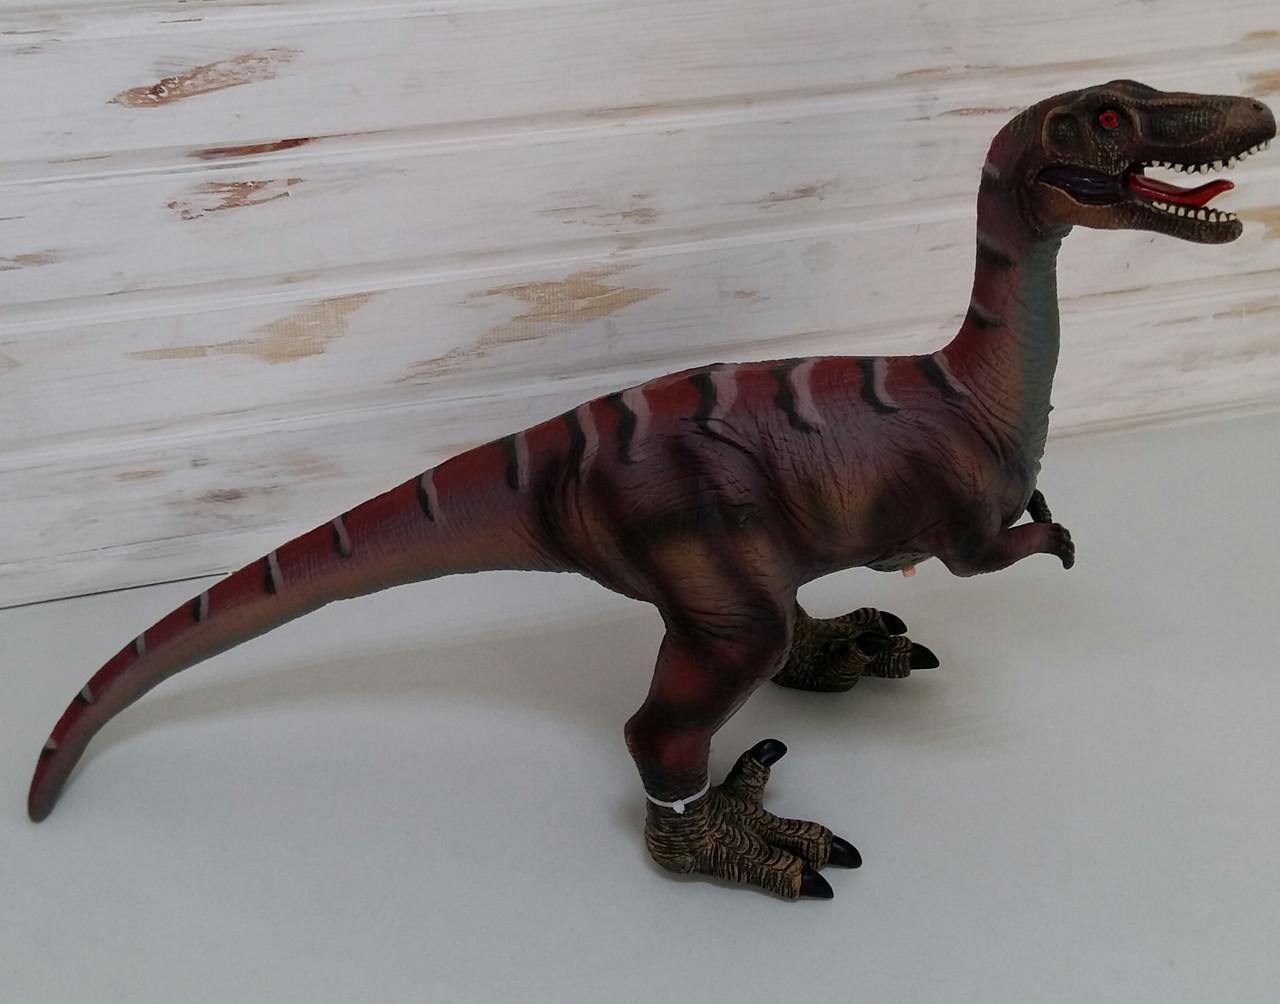 Детский резиновый динозавр со звуком Q9899-512